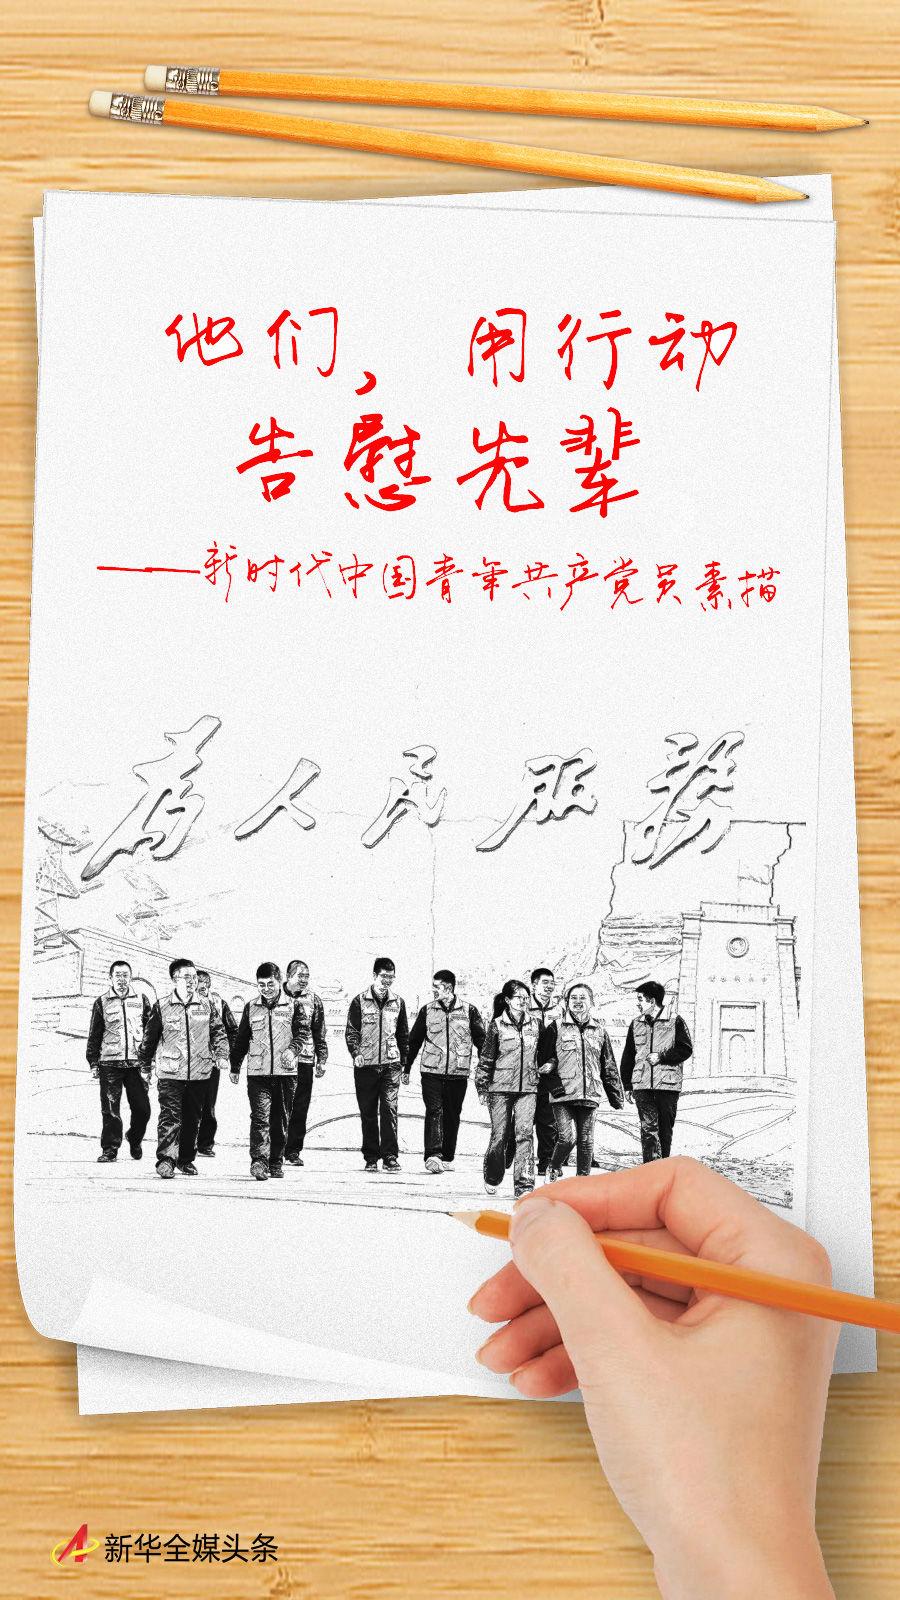 无为县人民政府_奥鹏教学平台_南安信息网